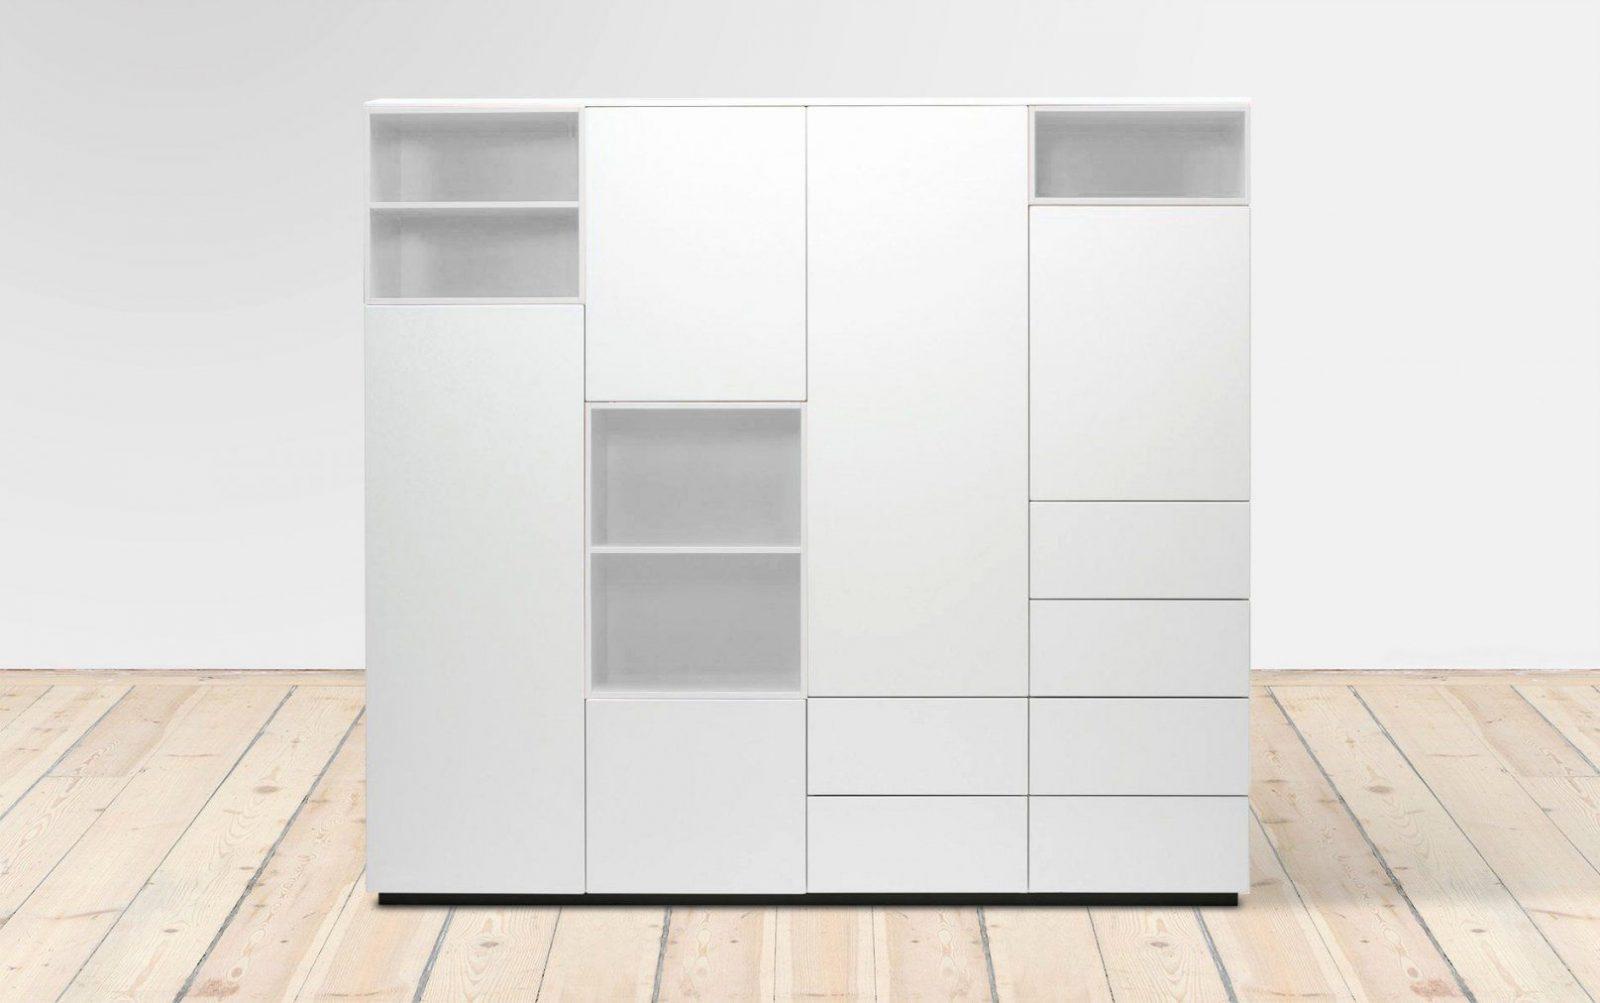 outdoor paravent 180 cm hoch 78 anst ndig schrank 180 cm hochschlafzimmer deko ideen. Black Bedroom Furniture Sets. Home Design Ideas